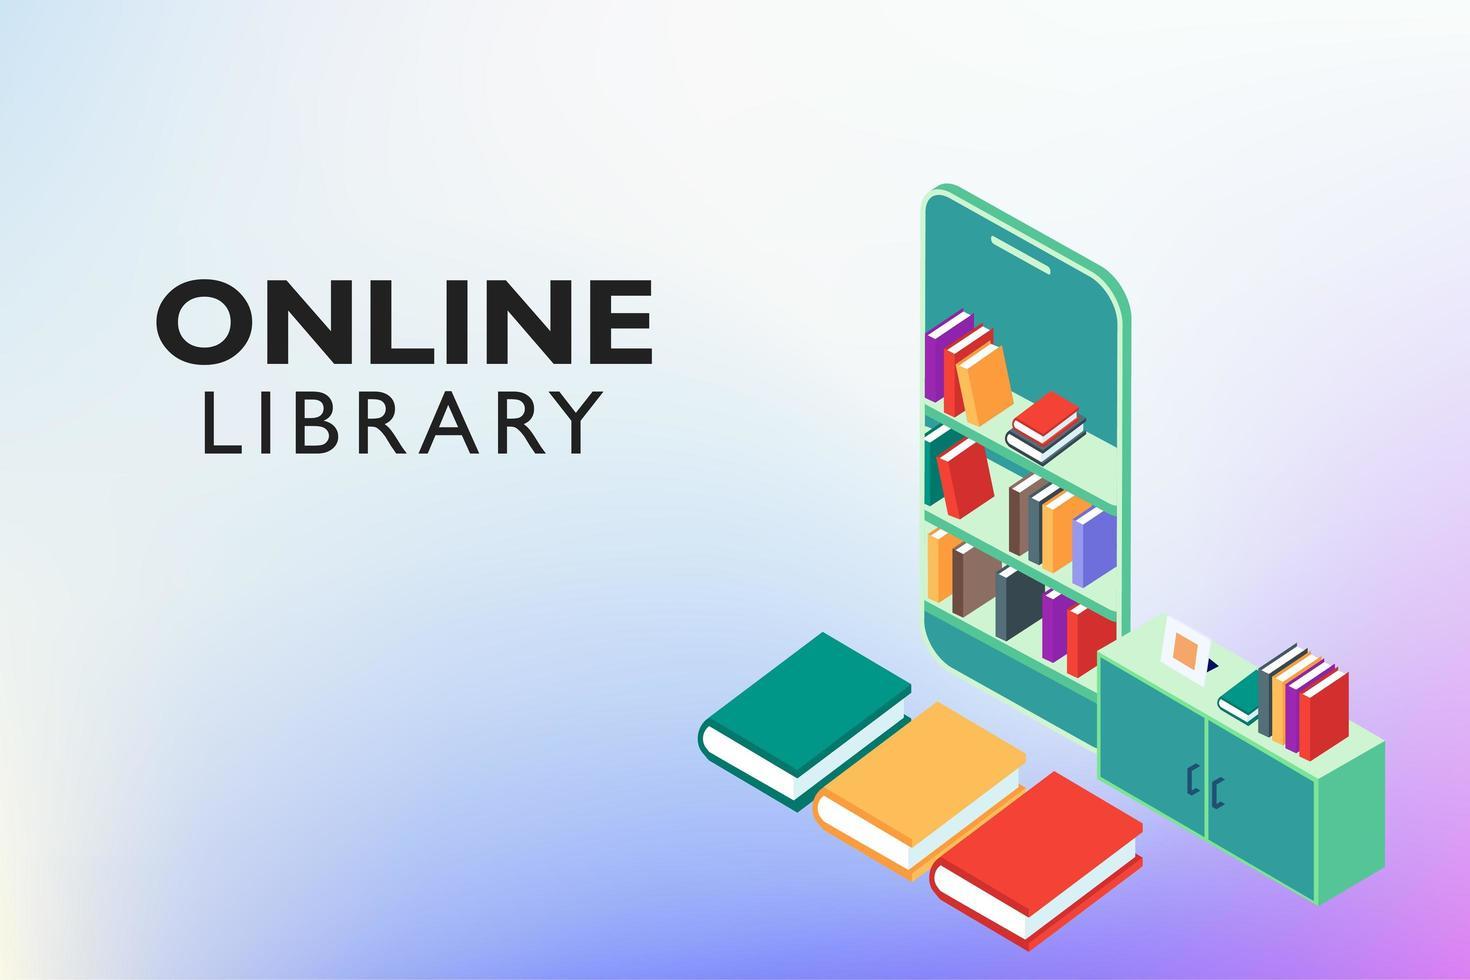 online-bibliotekets utbildning vektor